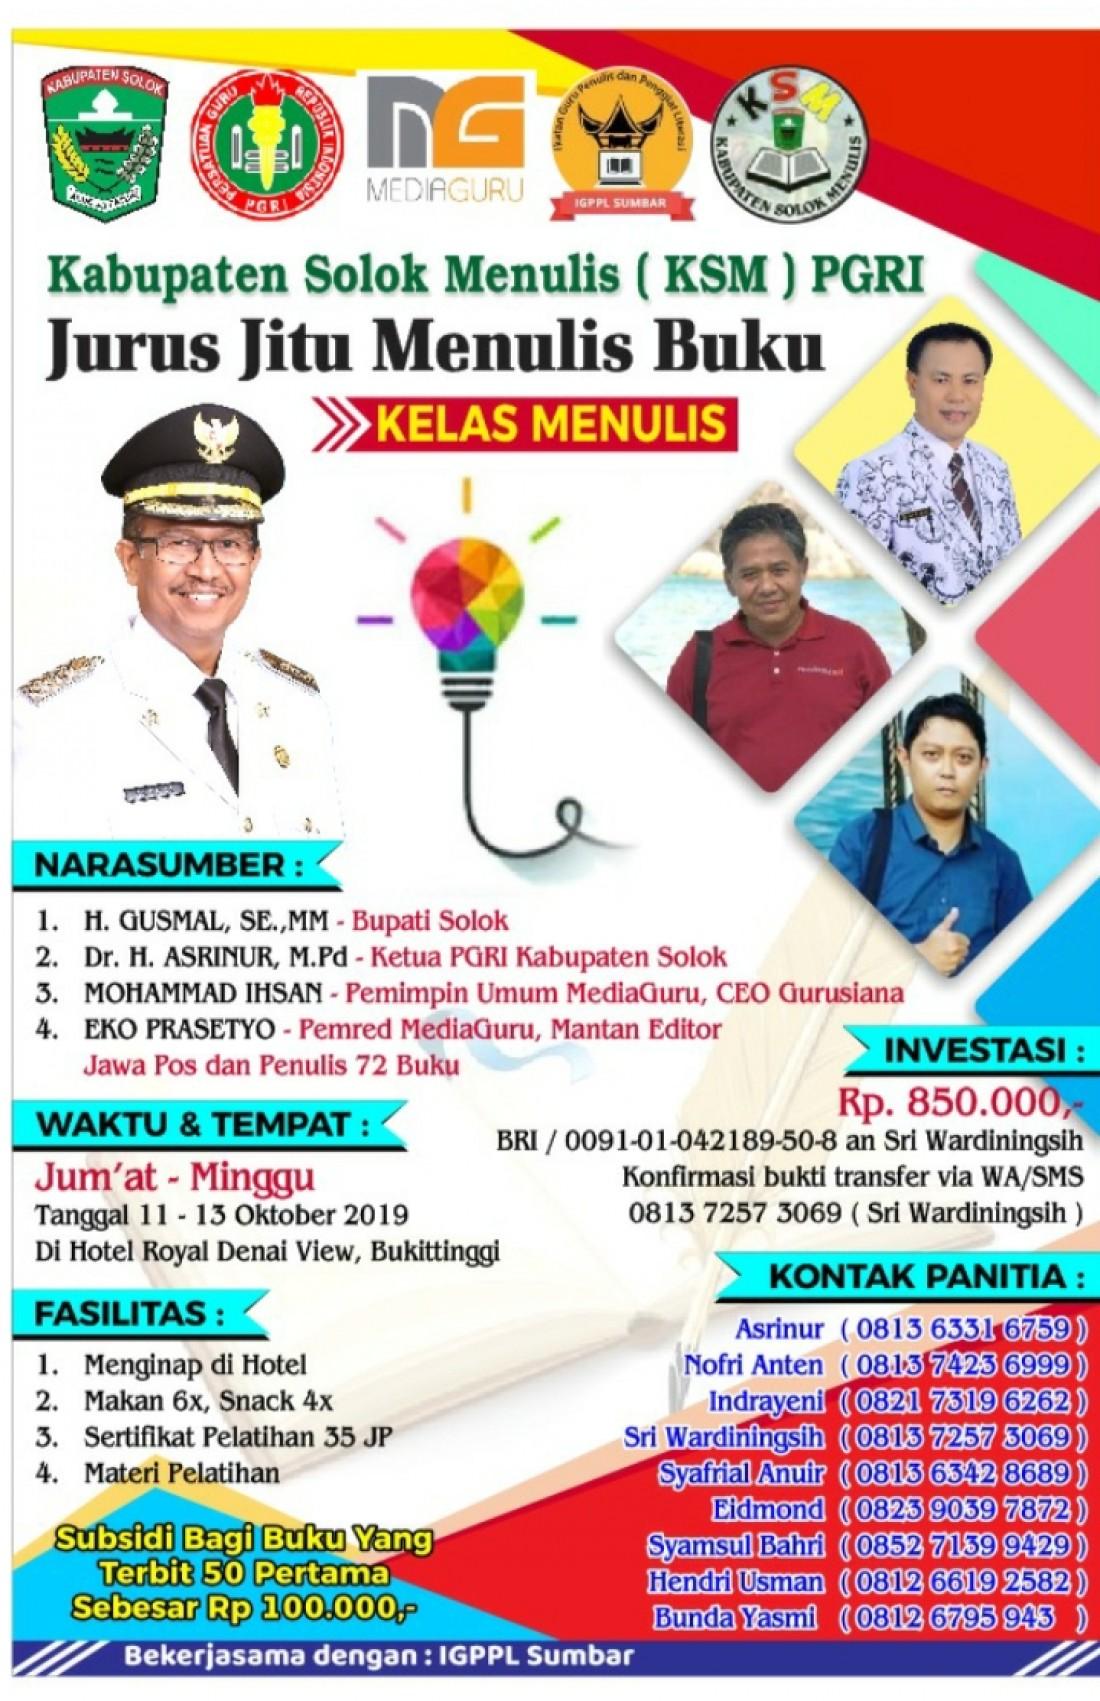 Kabupaten Solok Menulis (KSM) PGRI (11-13 Oktober 2019)